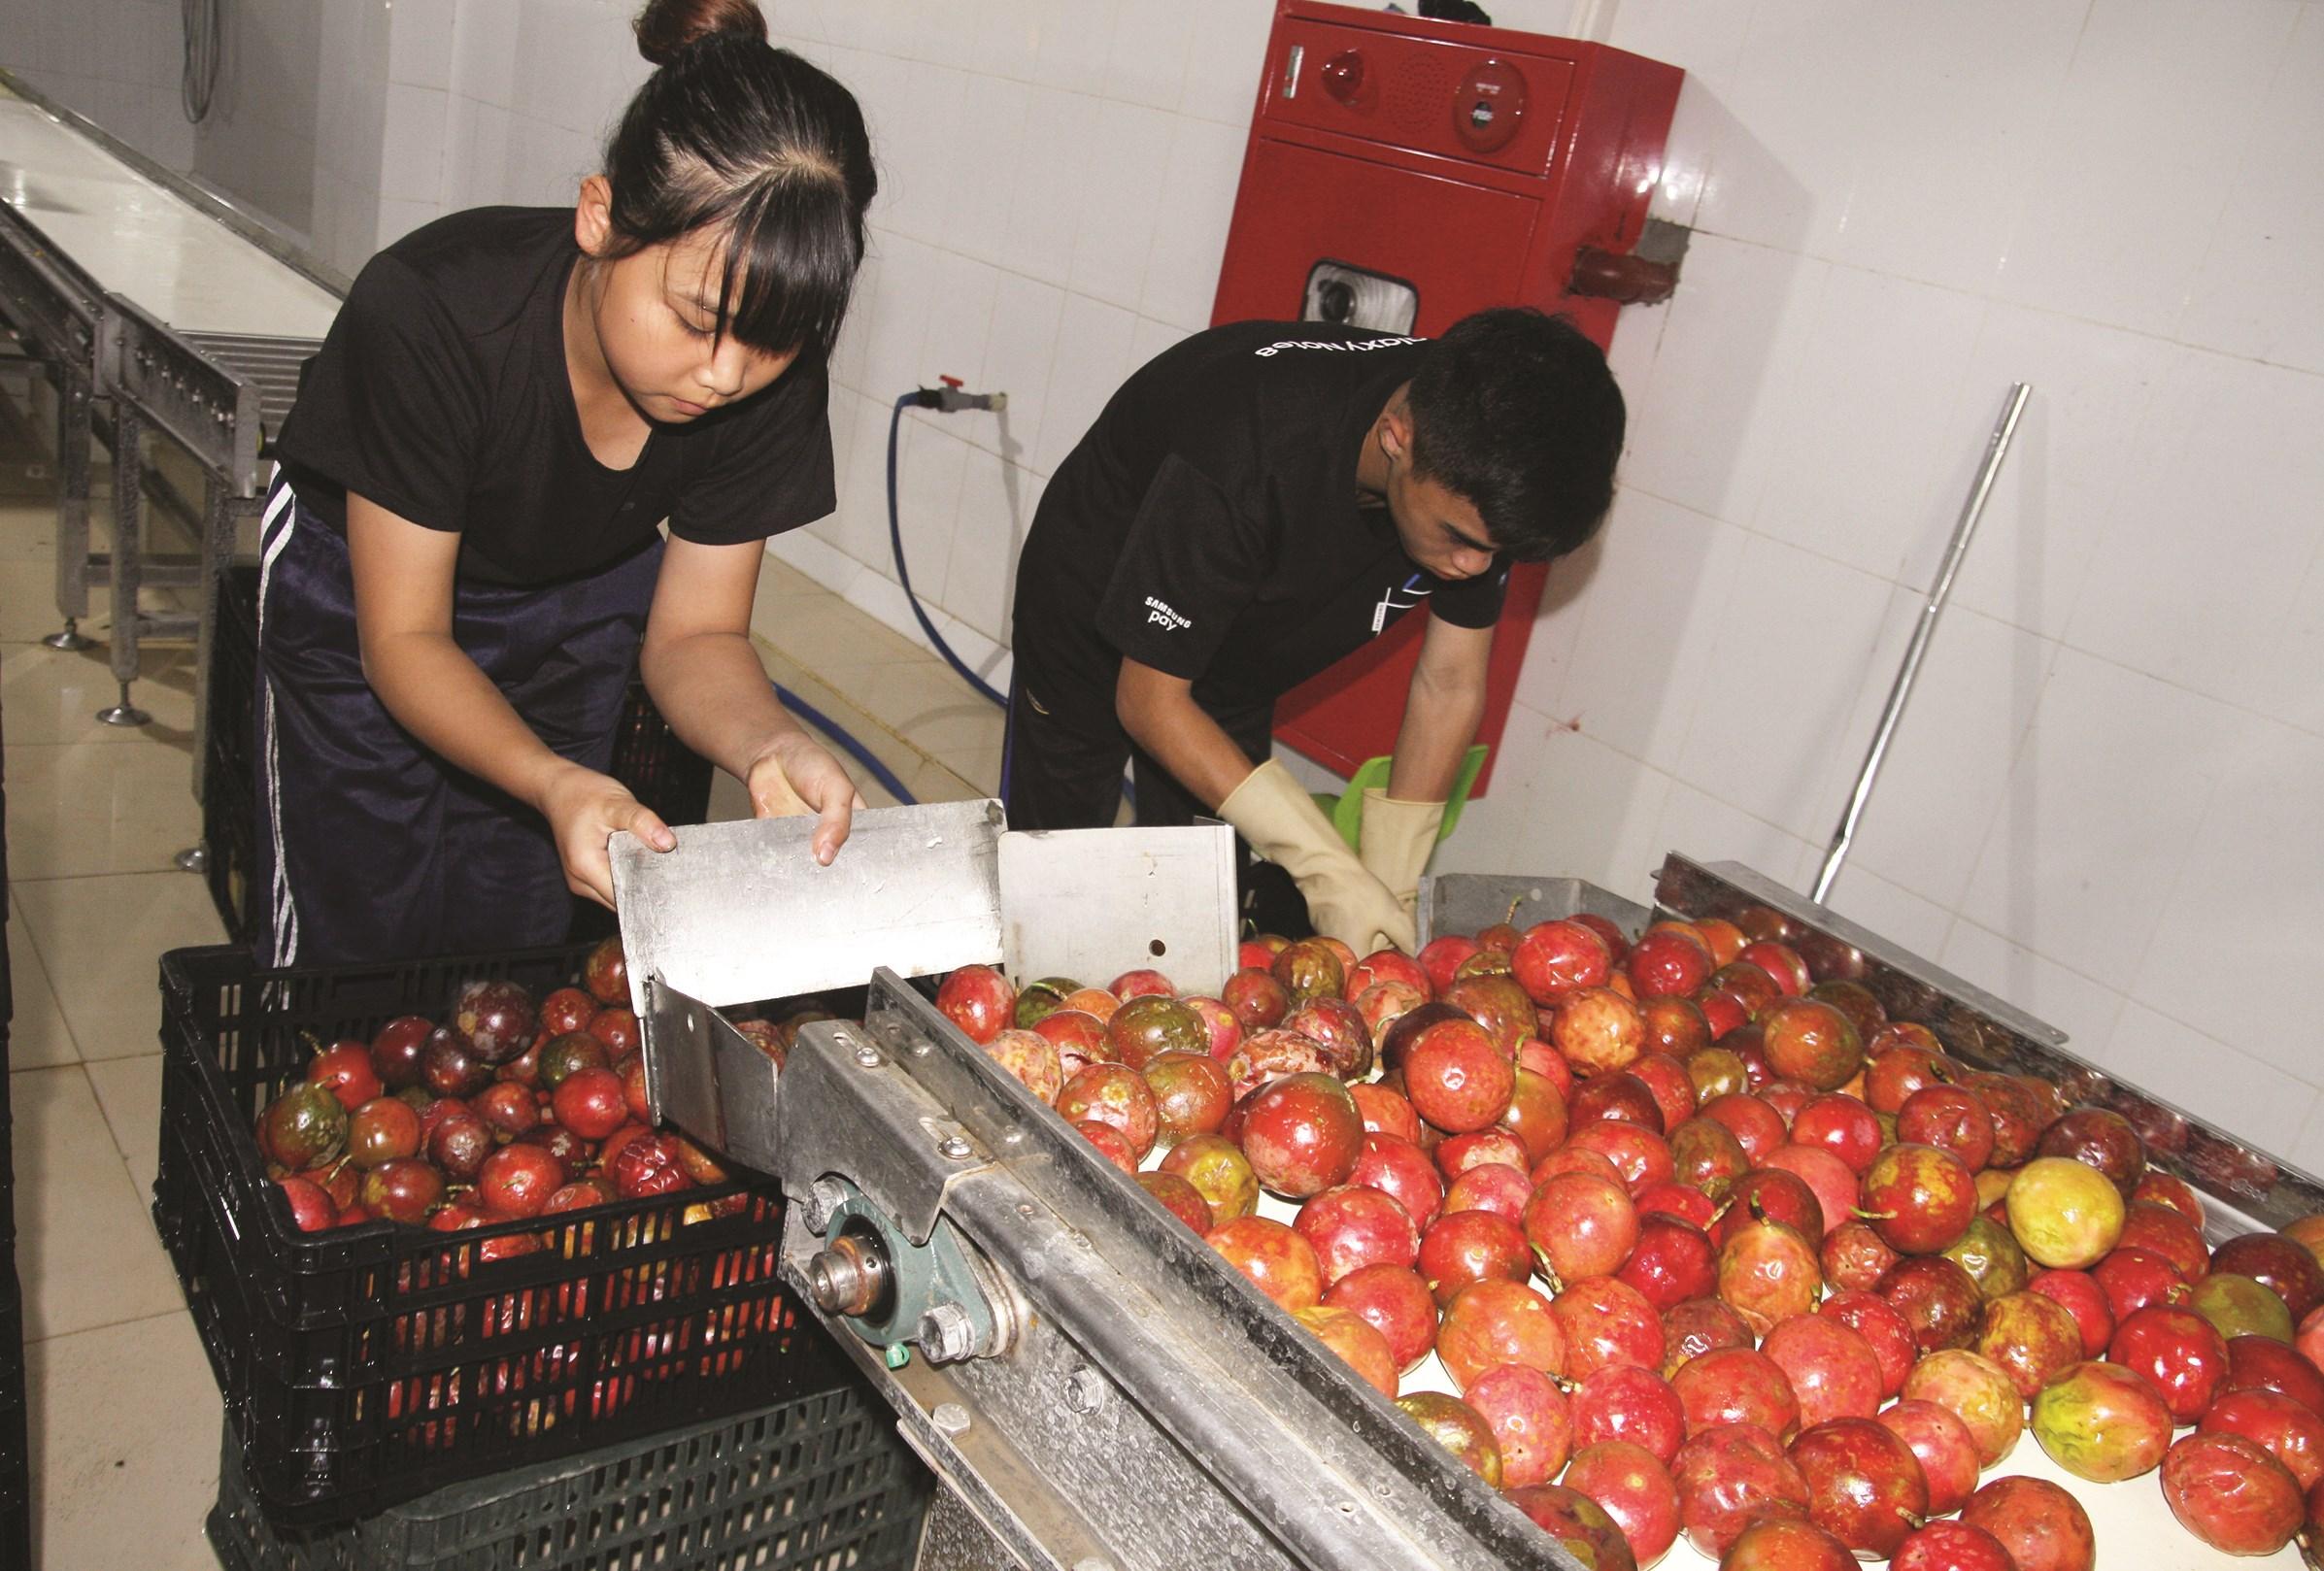 Công nghiệp chế biến nông sản xuất khẩu sẽ là hướng tiêu thụ ổn định cho nông sản Việt